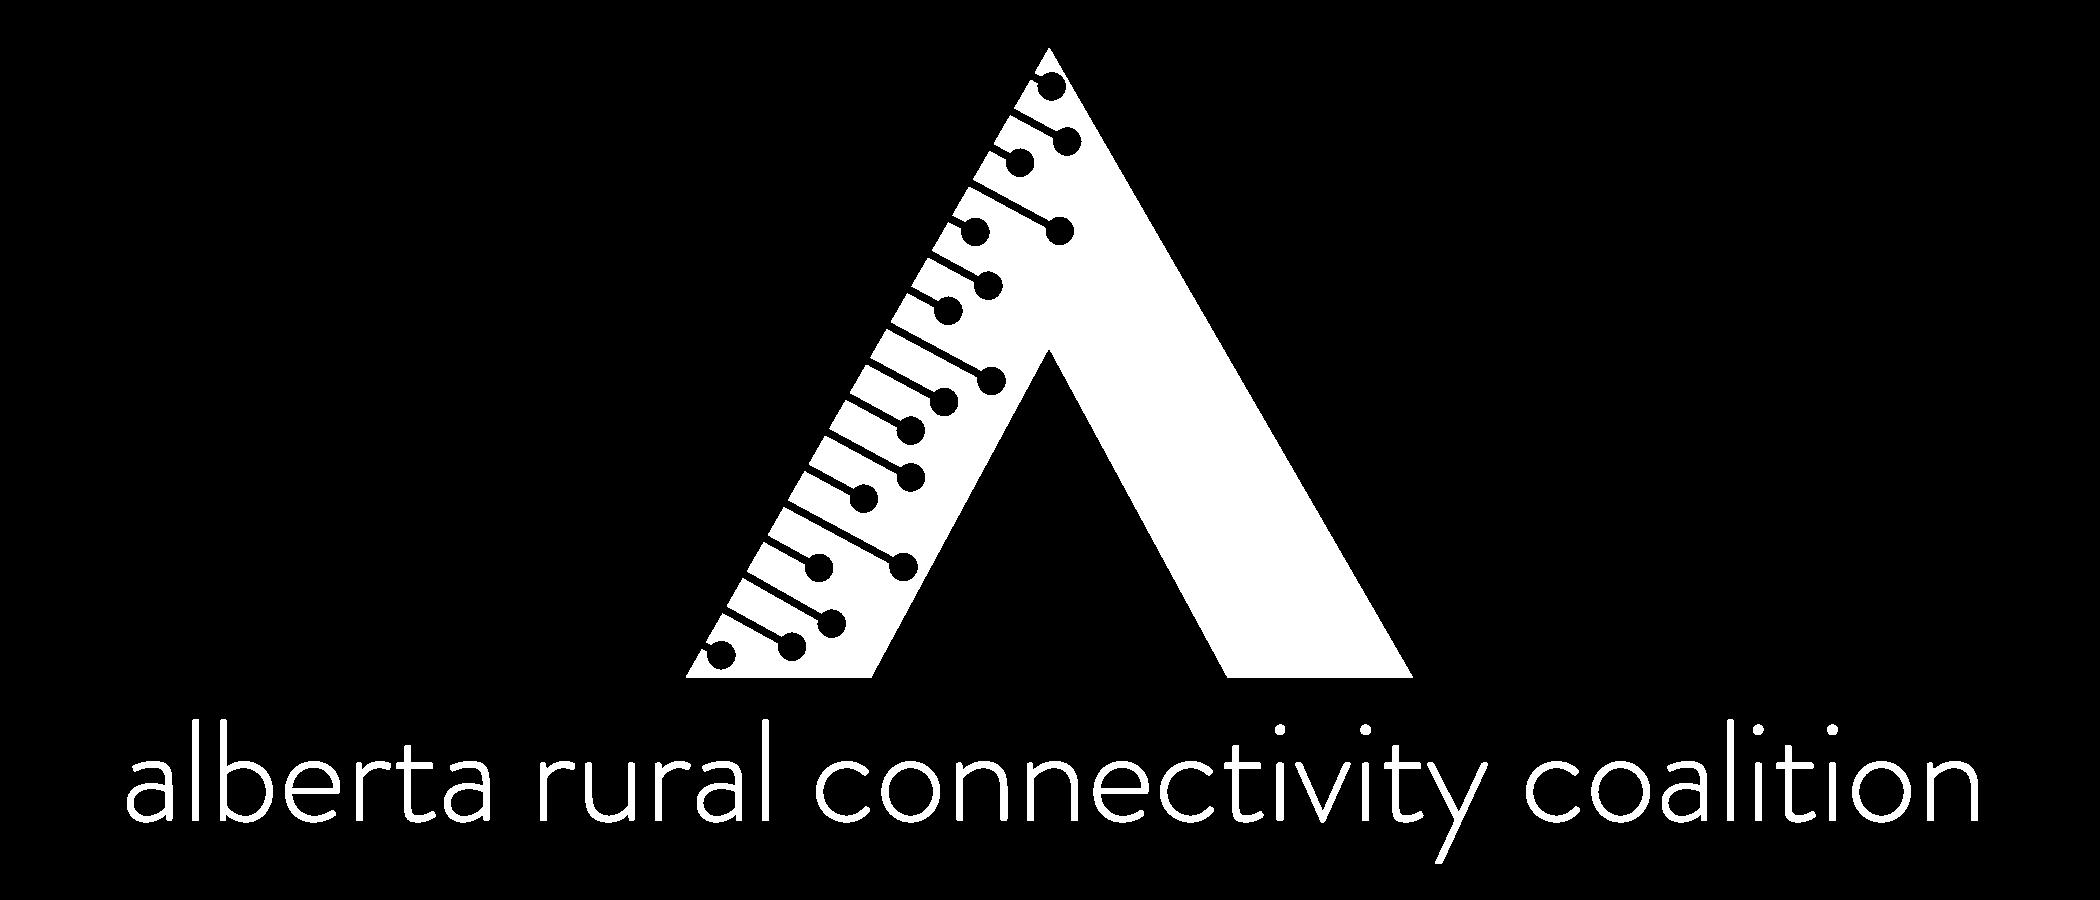 ARCC Logo_white